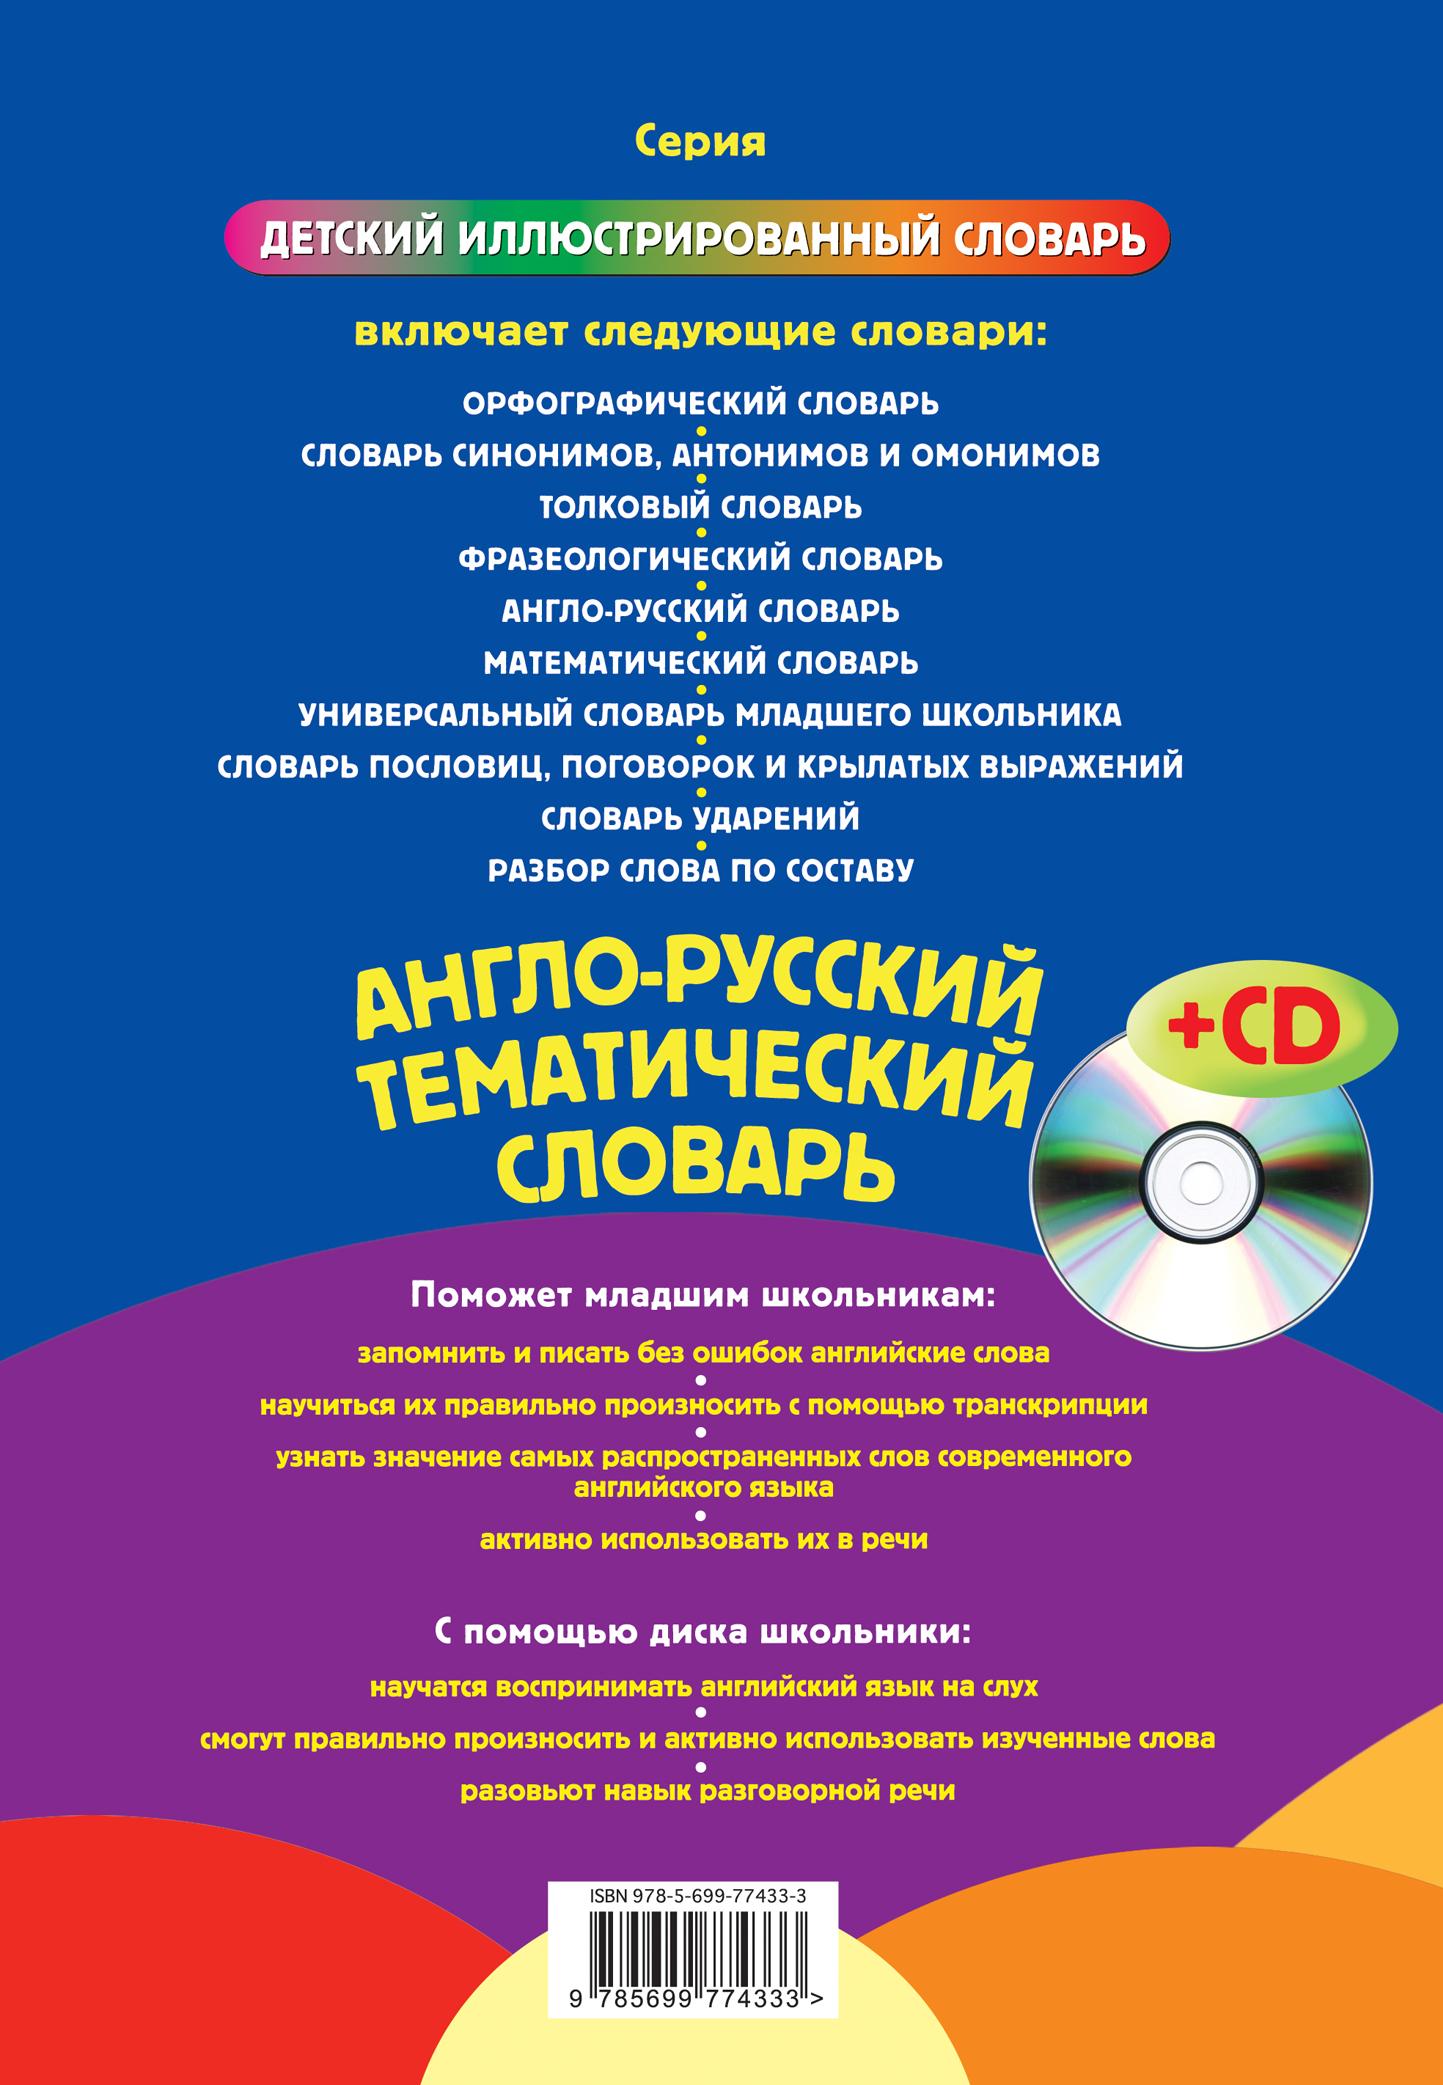 Англо-русский тематический словарь (+ CD)